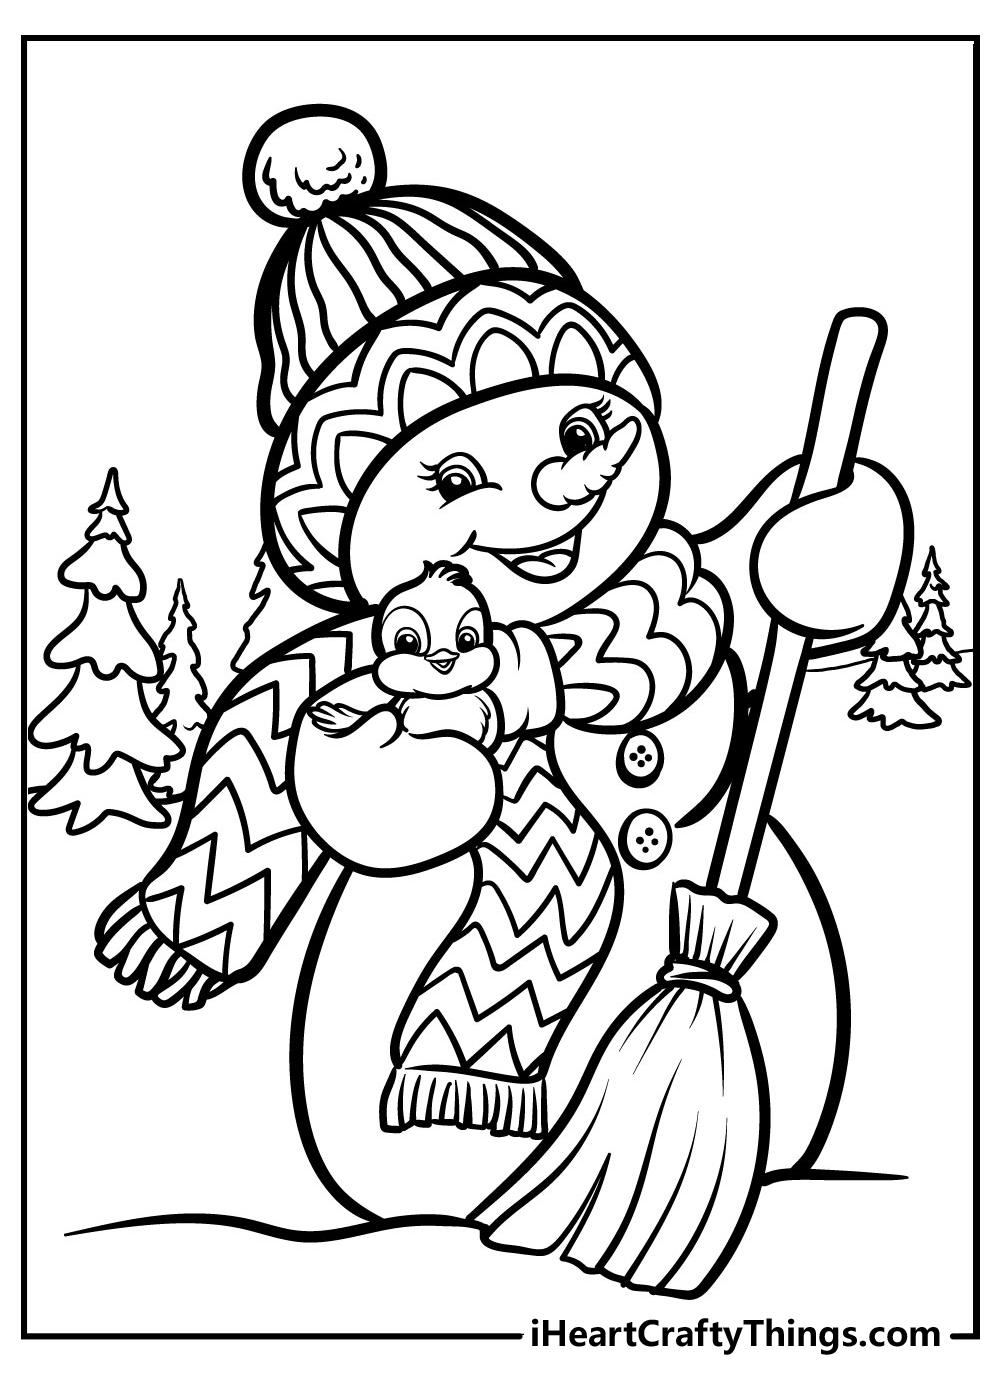 free printable Christmas coloring snowman